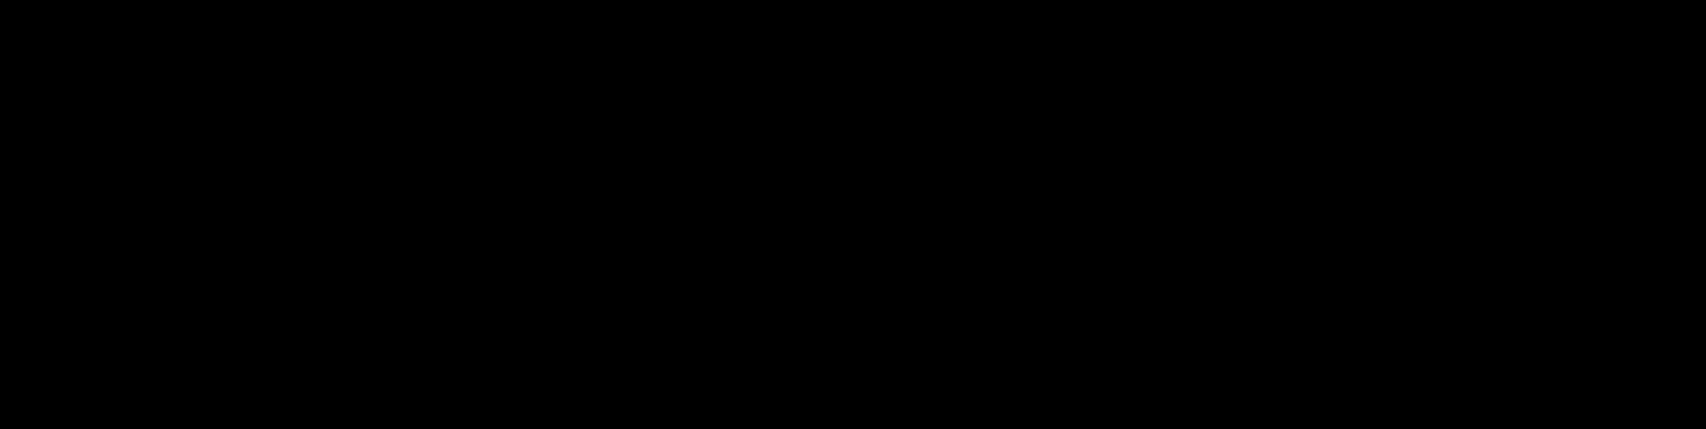 GRANDPRO